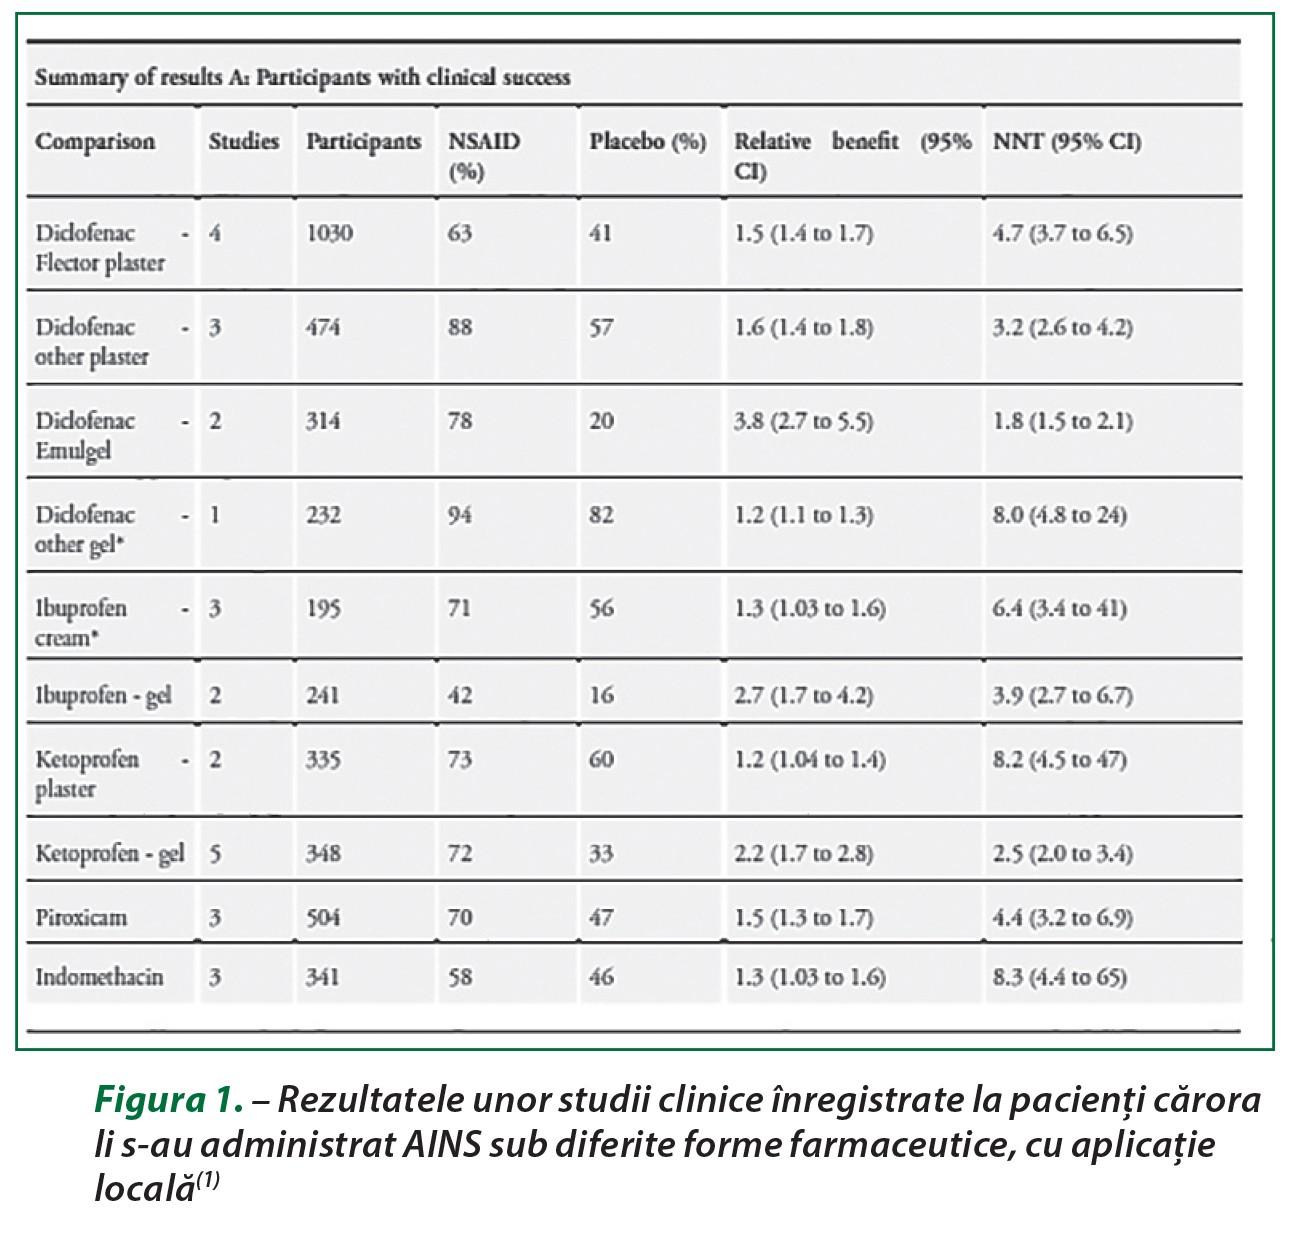 O. calea de recuperare a articulațiilor Butava inflamația articulară în artrita reumatoidă